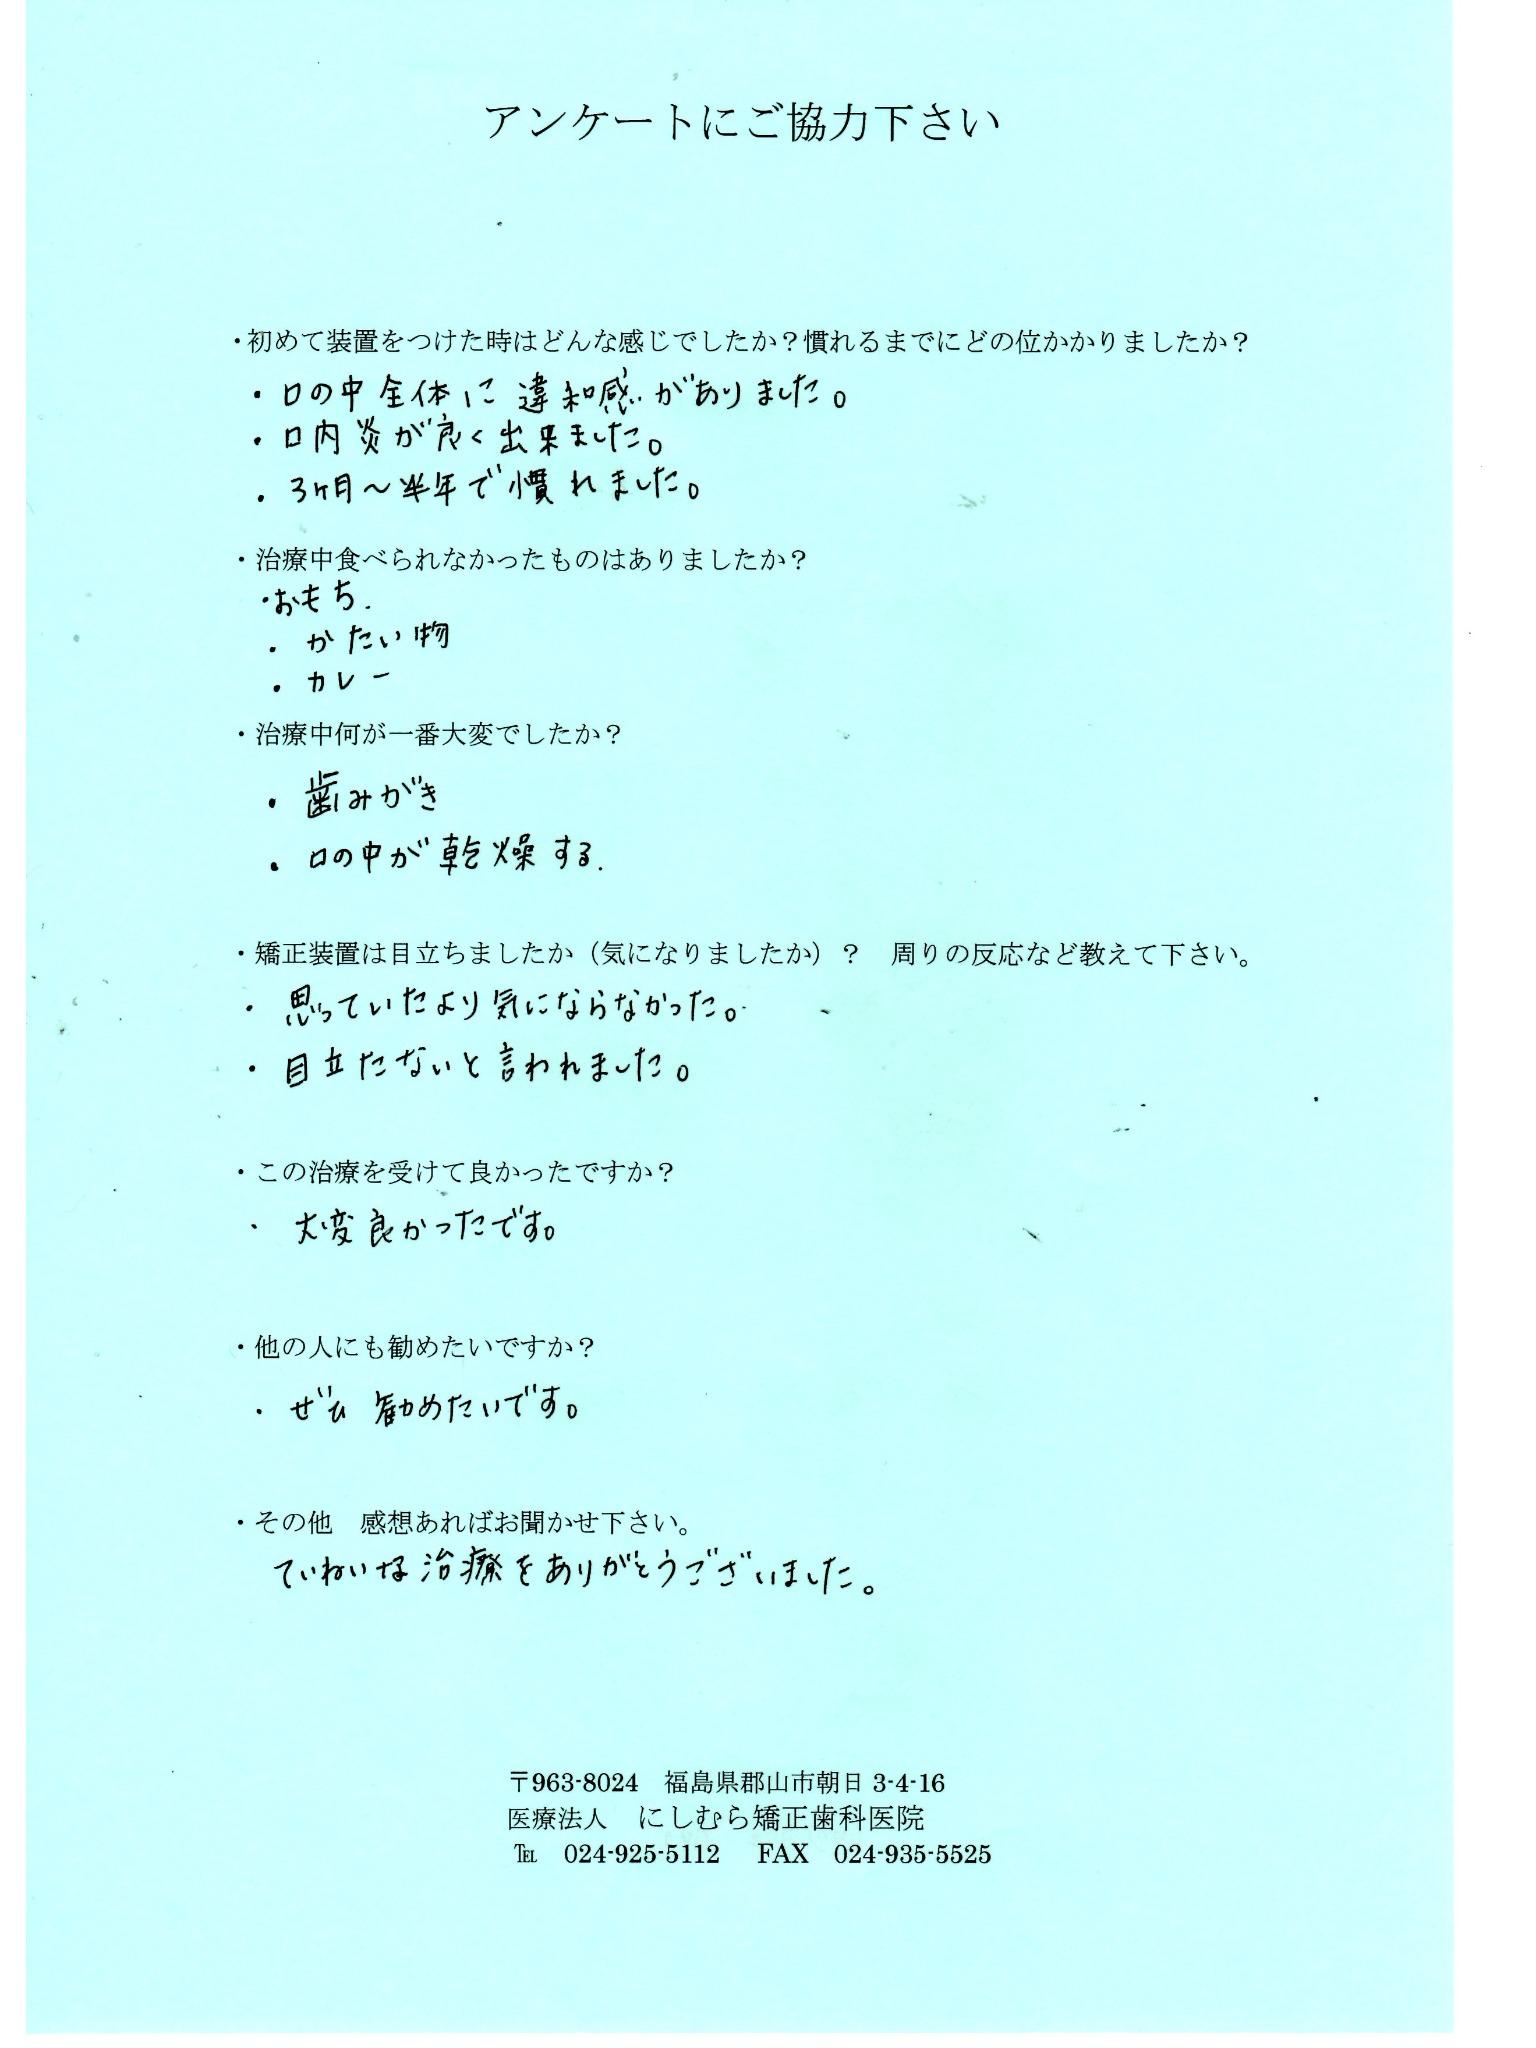 30代 患者様アンケート46